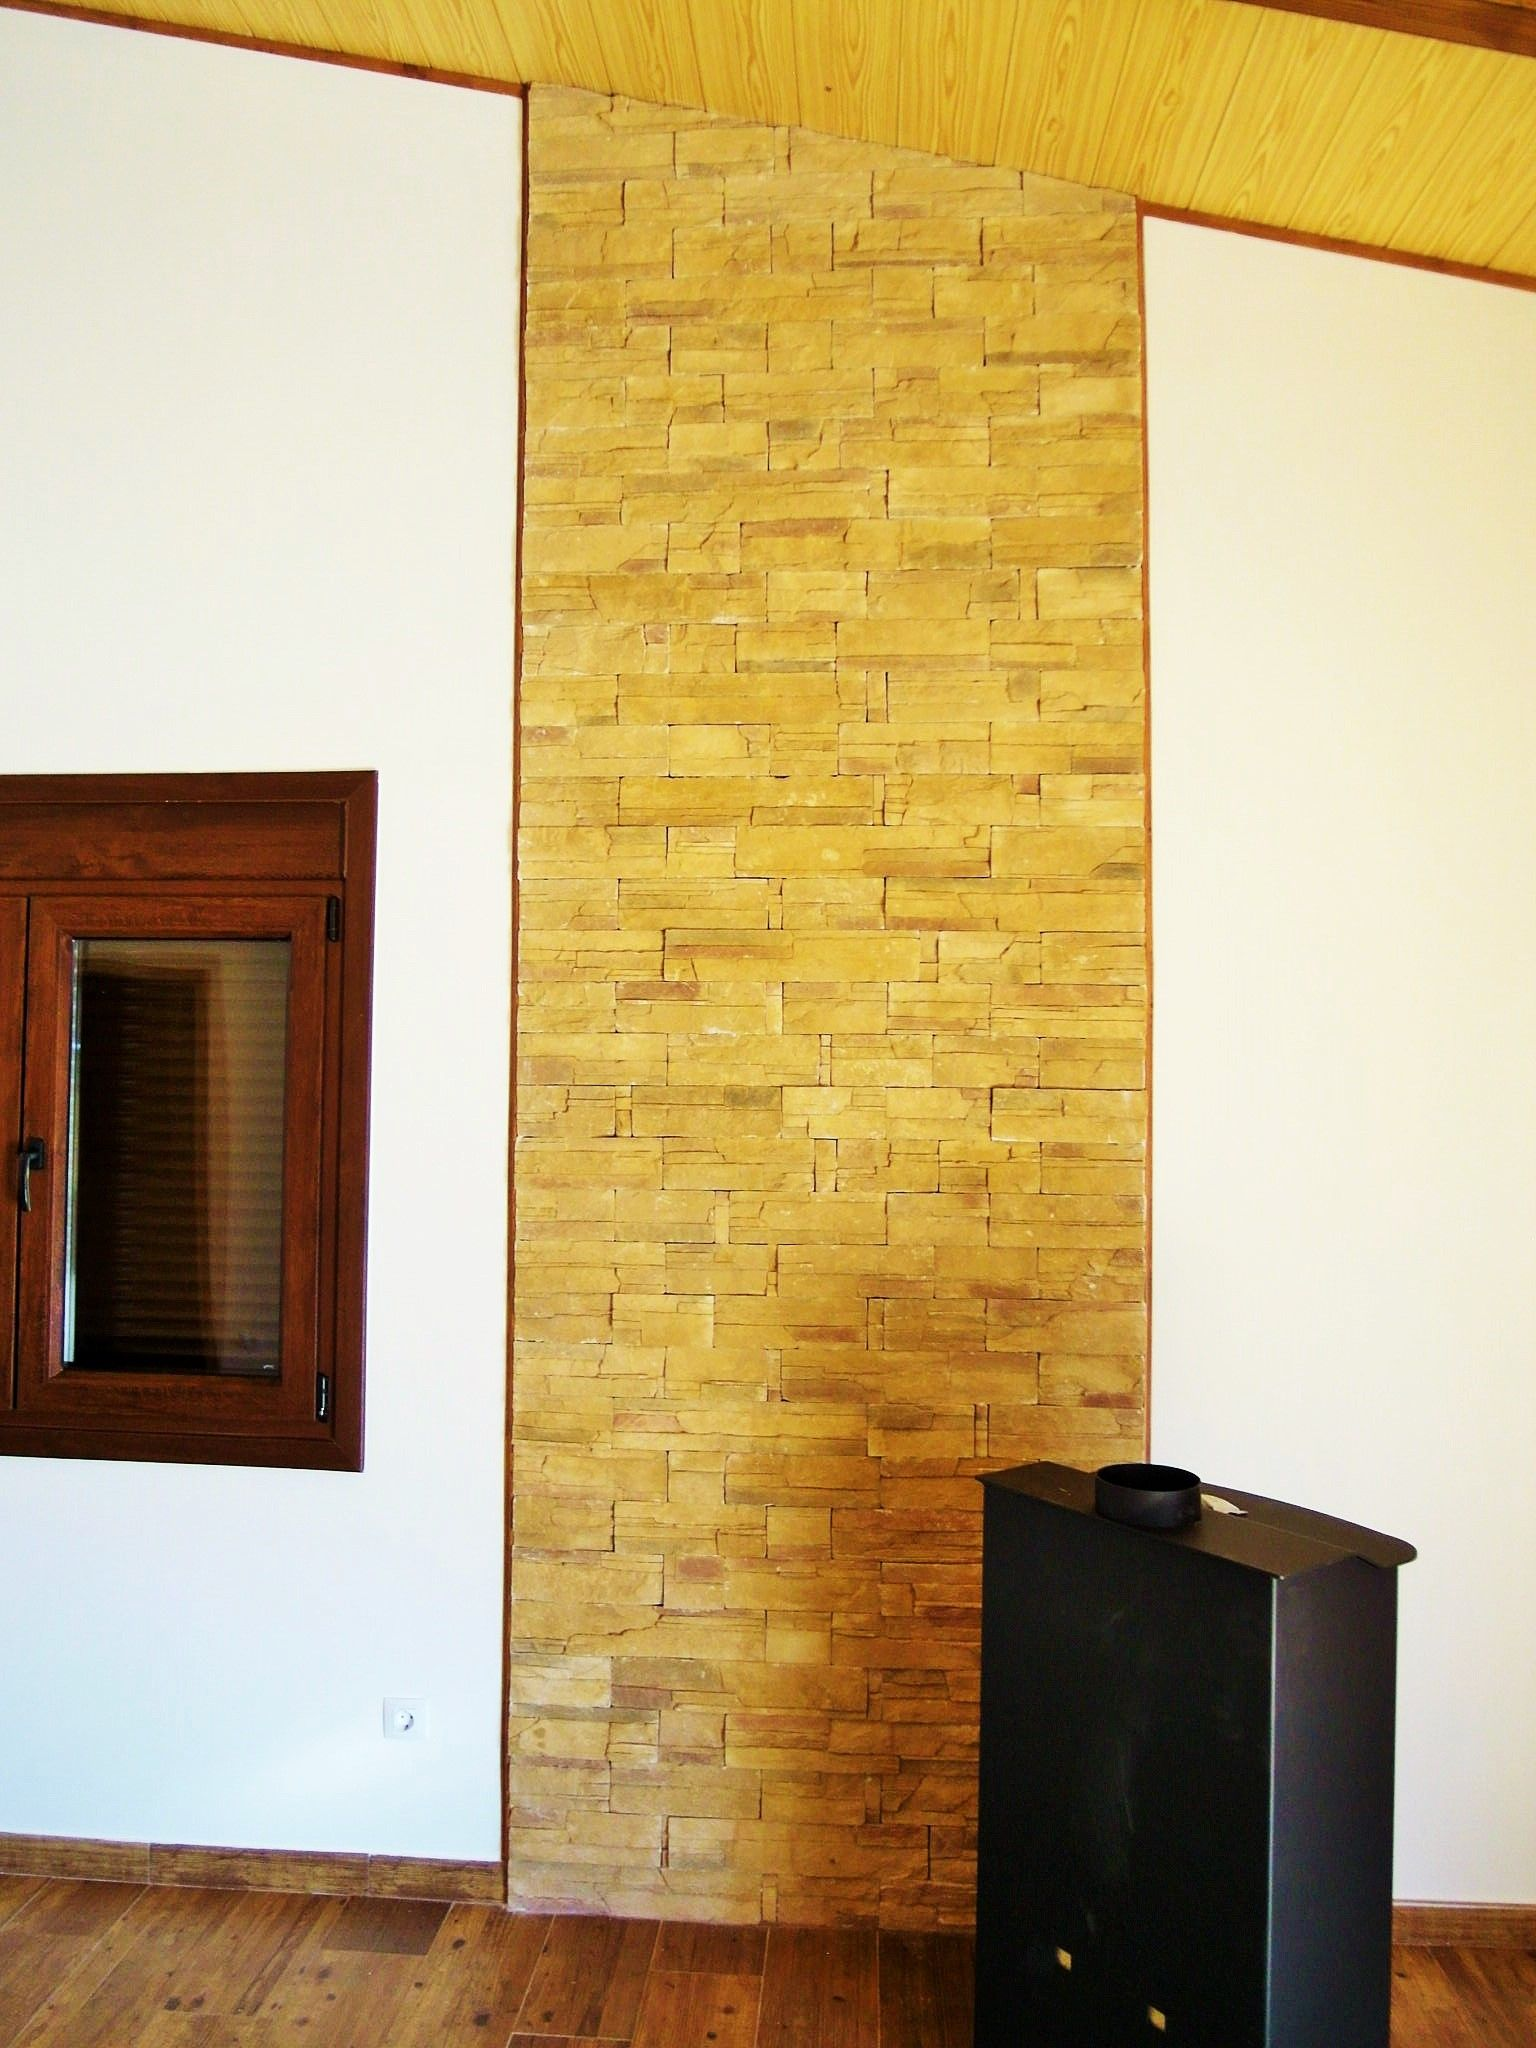 Piedra decorativa para interior casas de acero y hormigon for Piedra decorativa interior